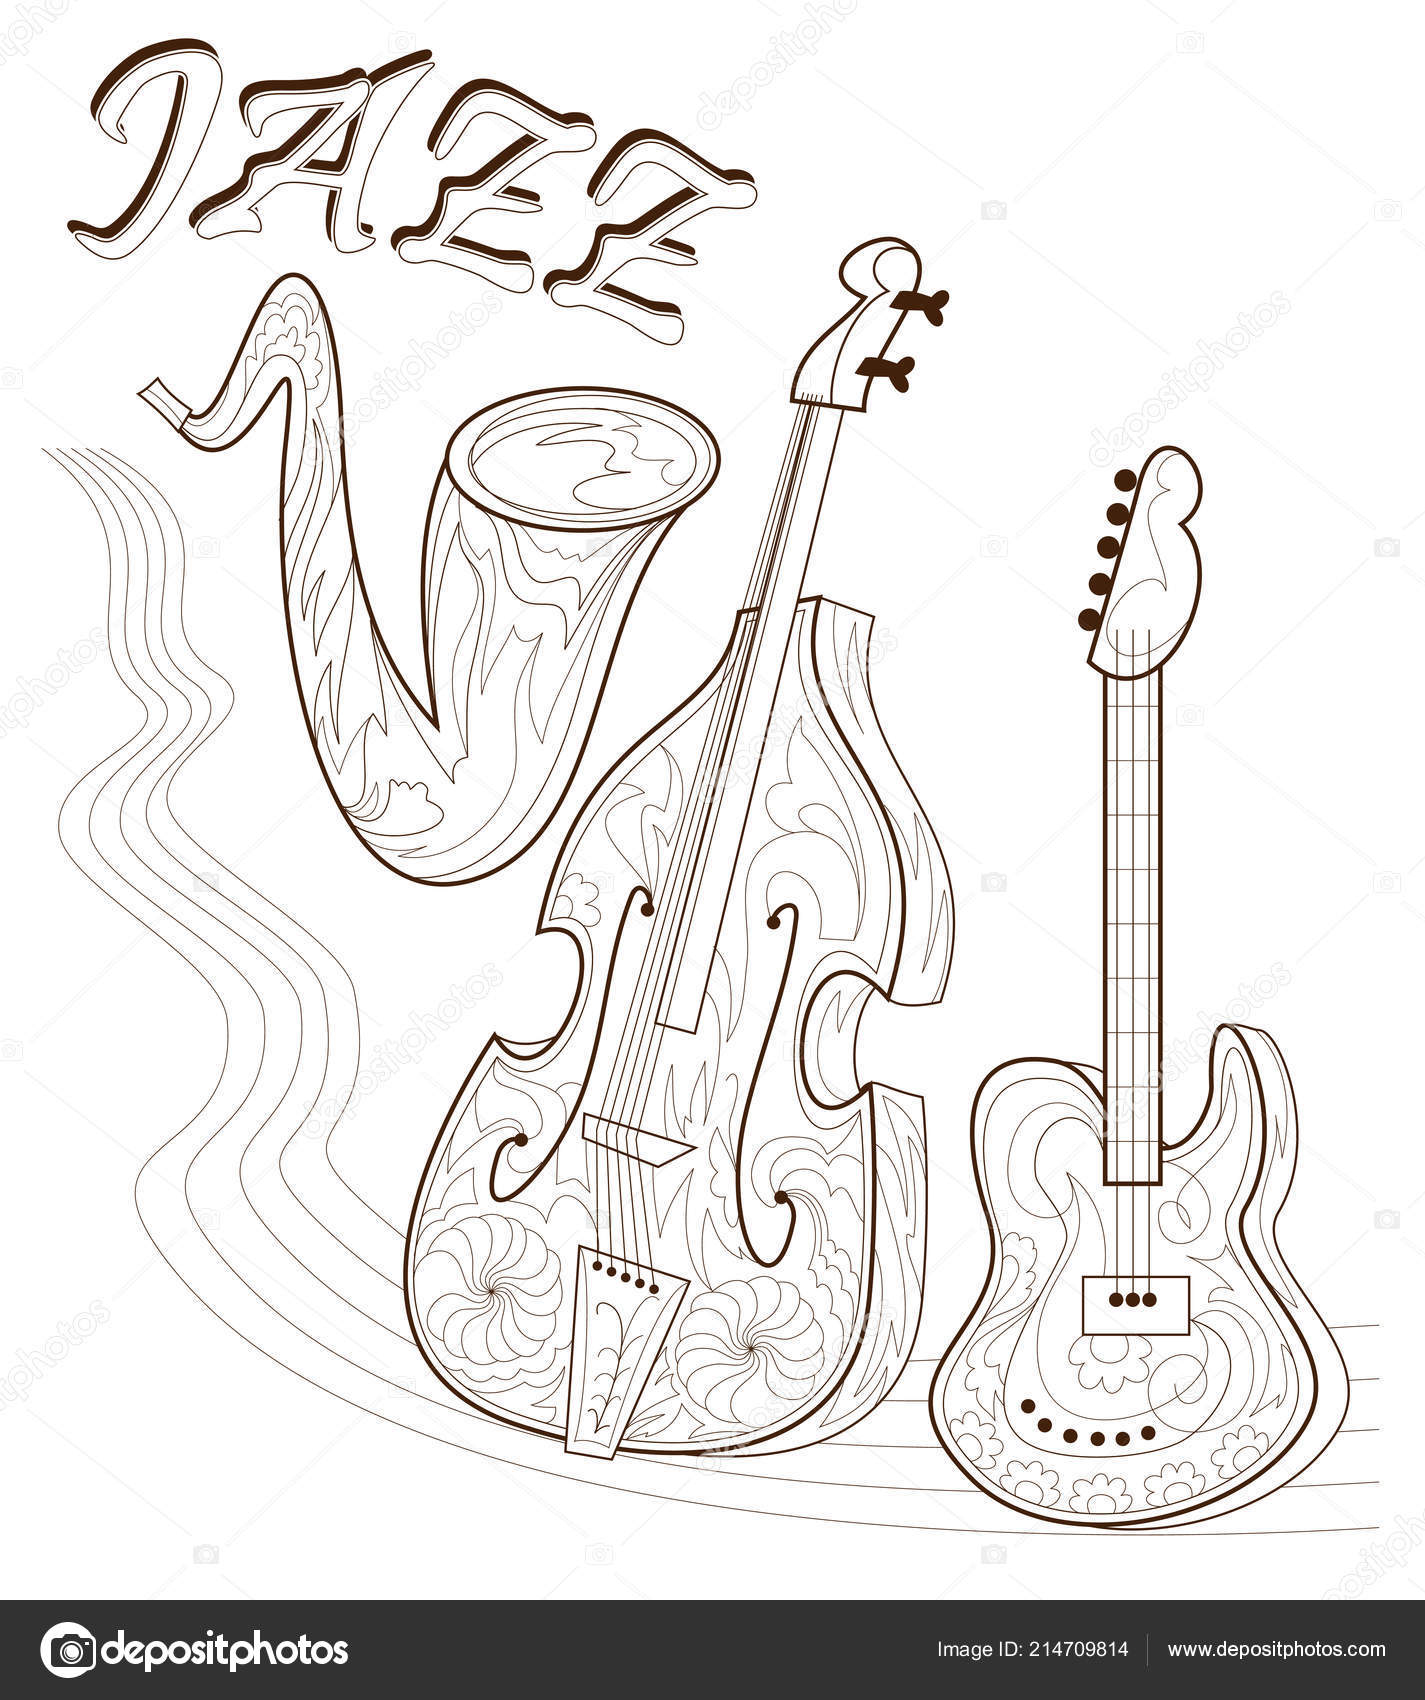 black white seite zum ausmalen satz von musikinstrumenten plakat f r stockvektor. Black Bedroom Furniture Sets. Home Design Ideas